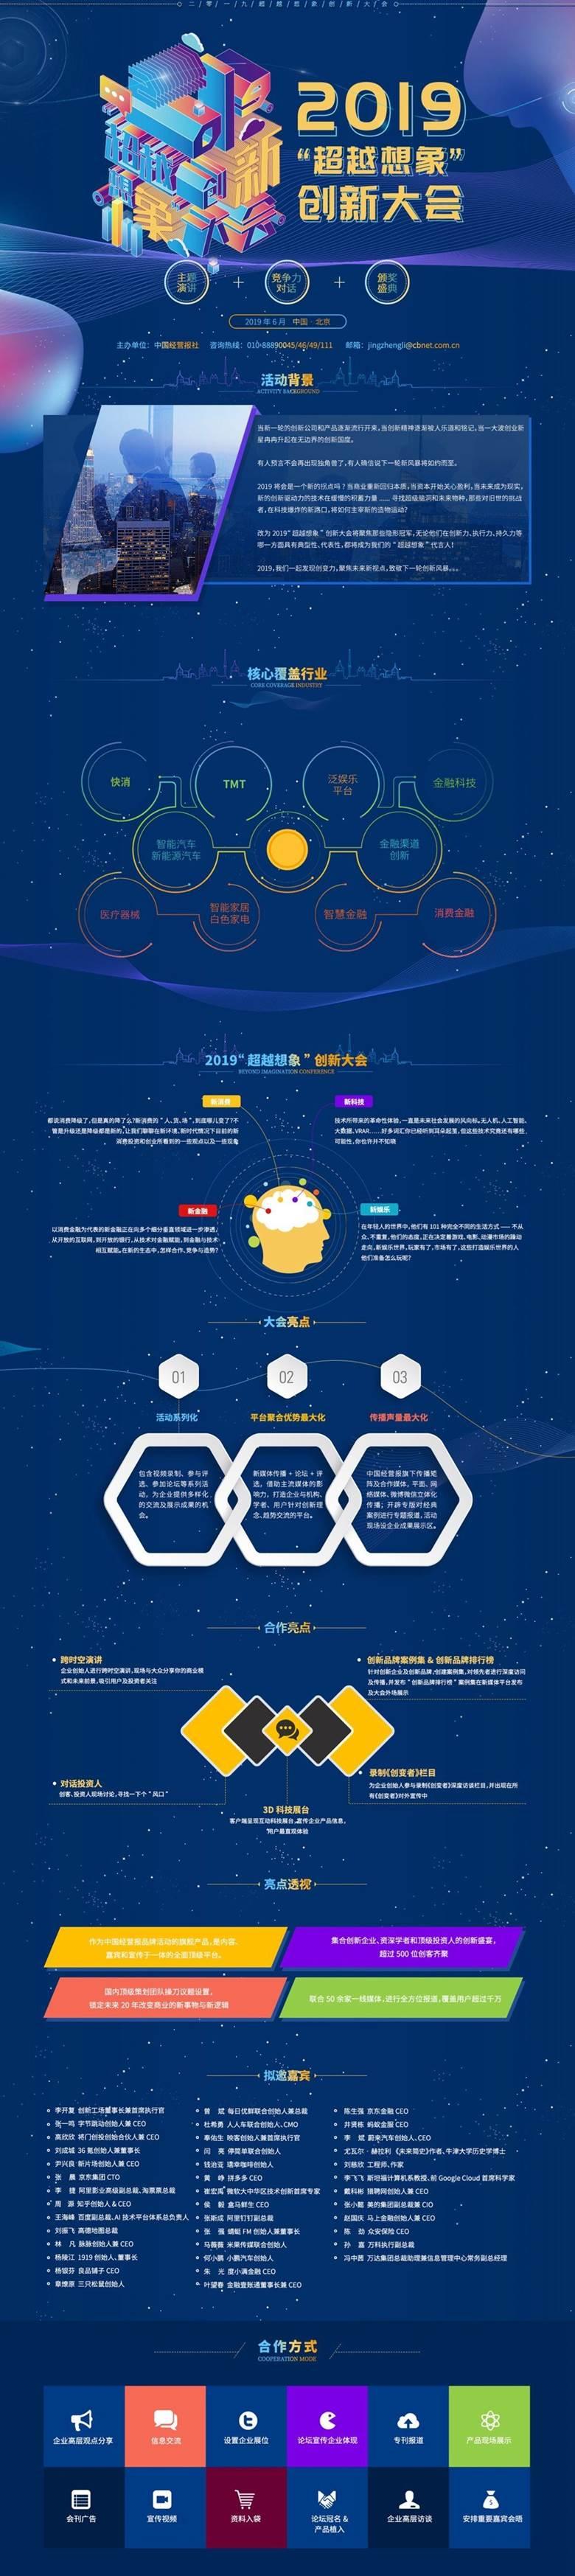 """2019""""超越想象""""创新大会_中国经营网_副本.jpg"""